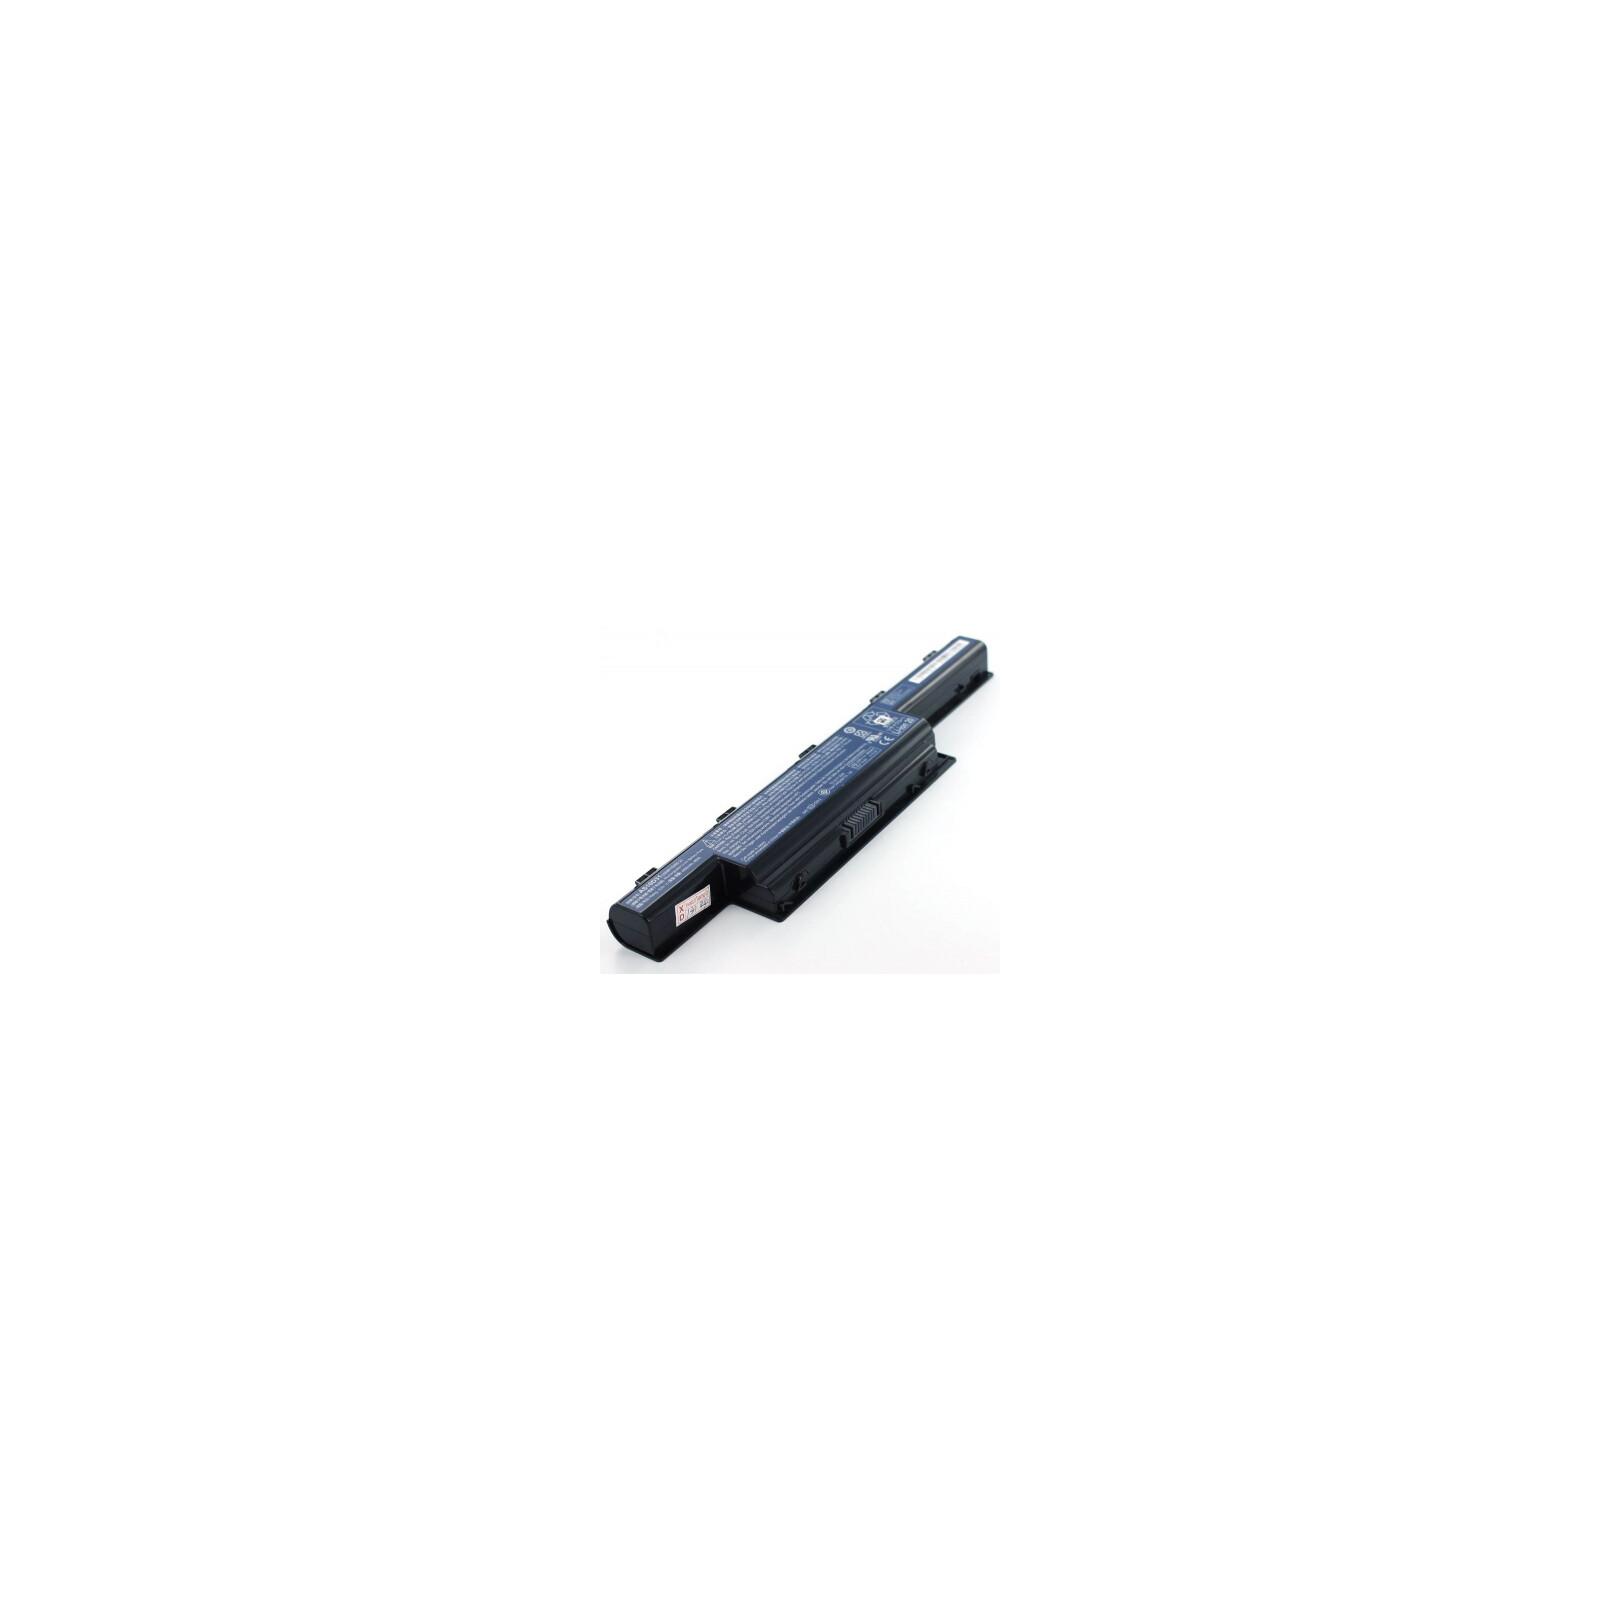 Acer Original Akku Aspire 7750G